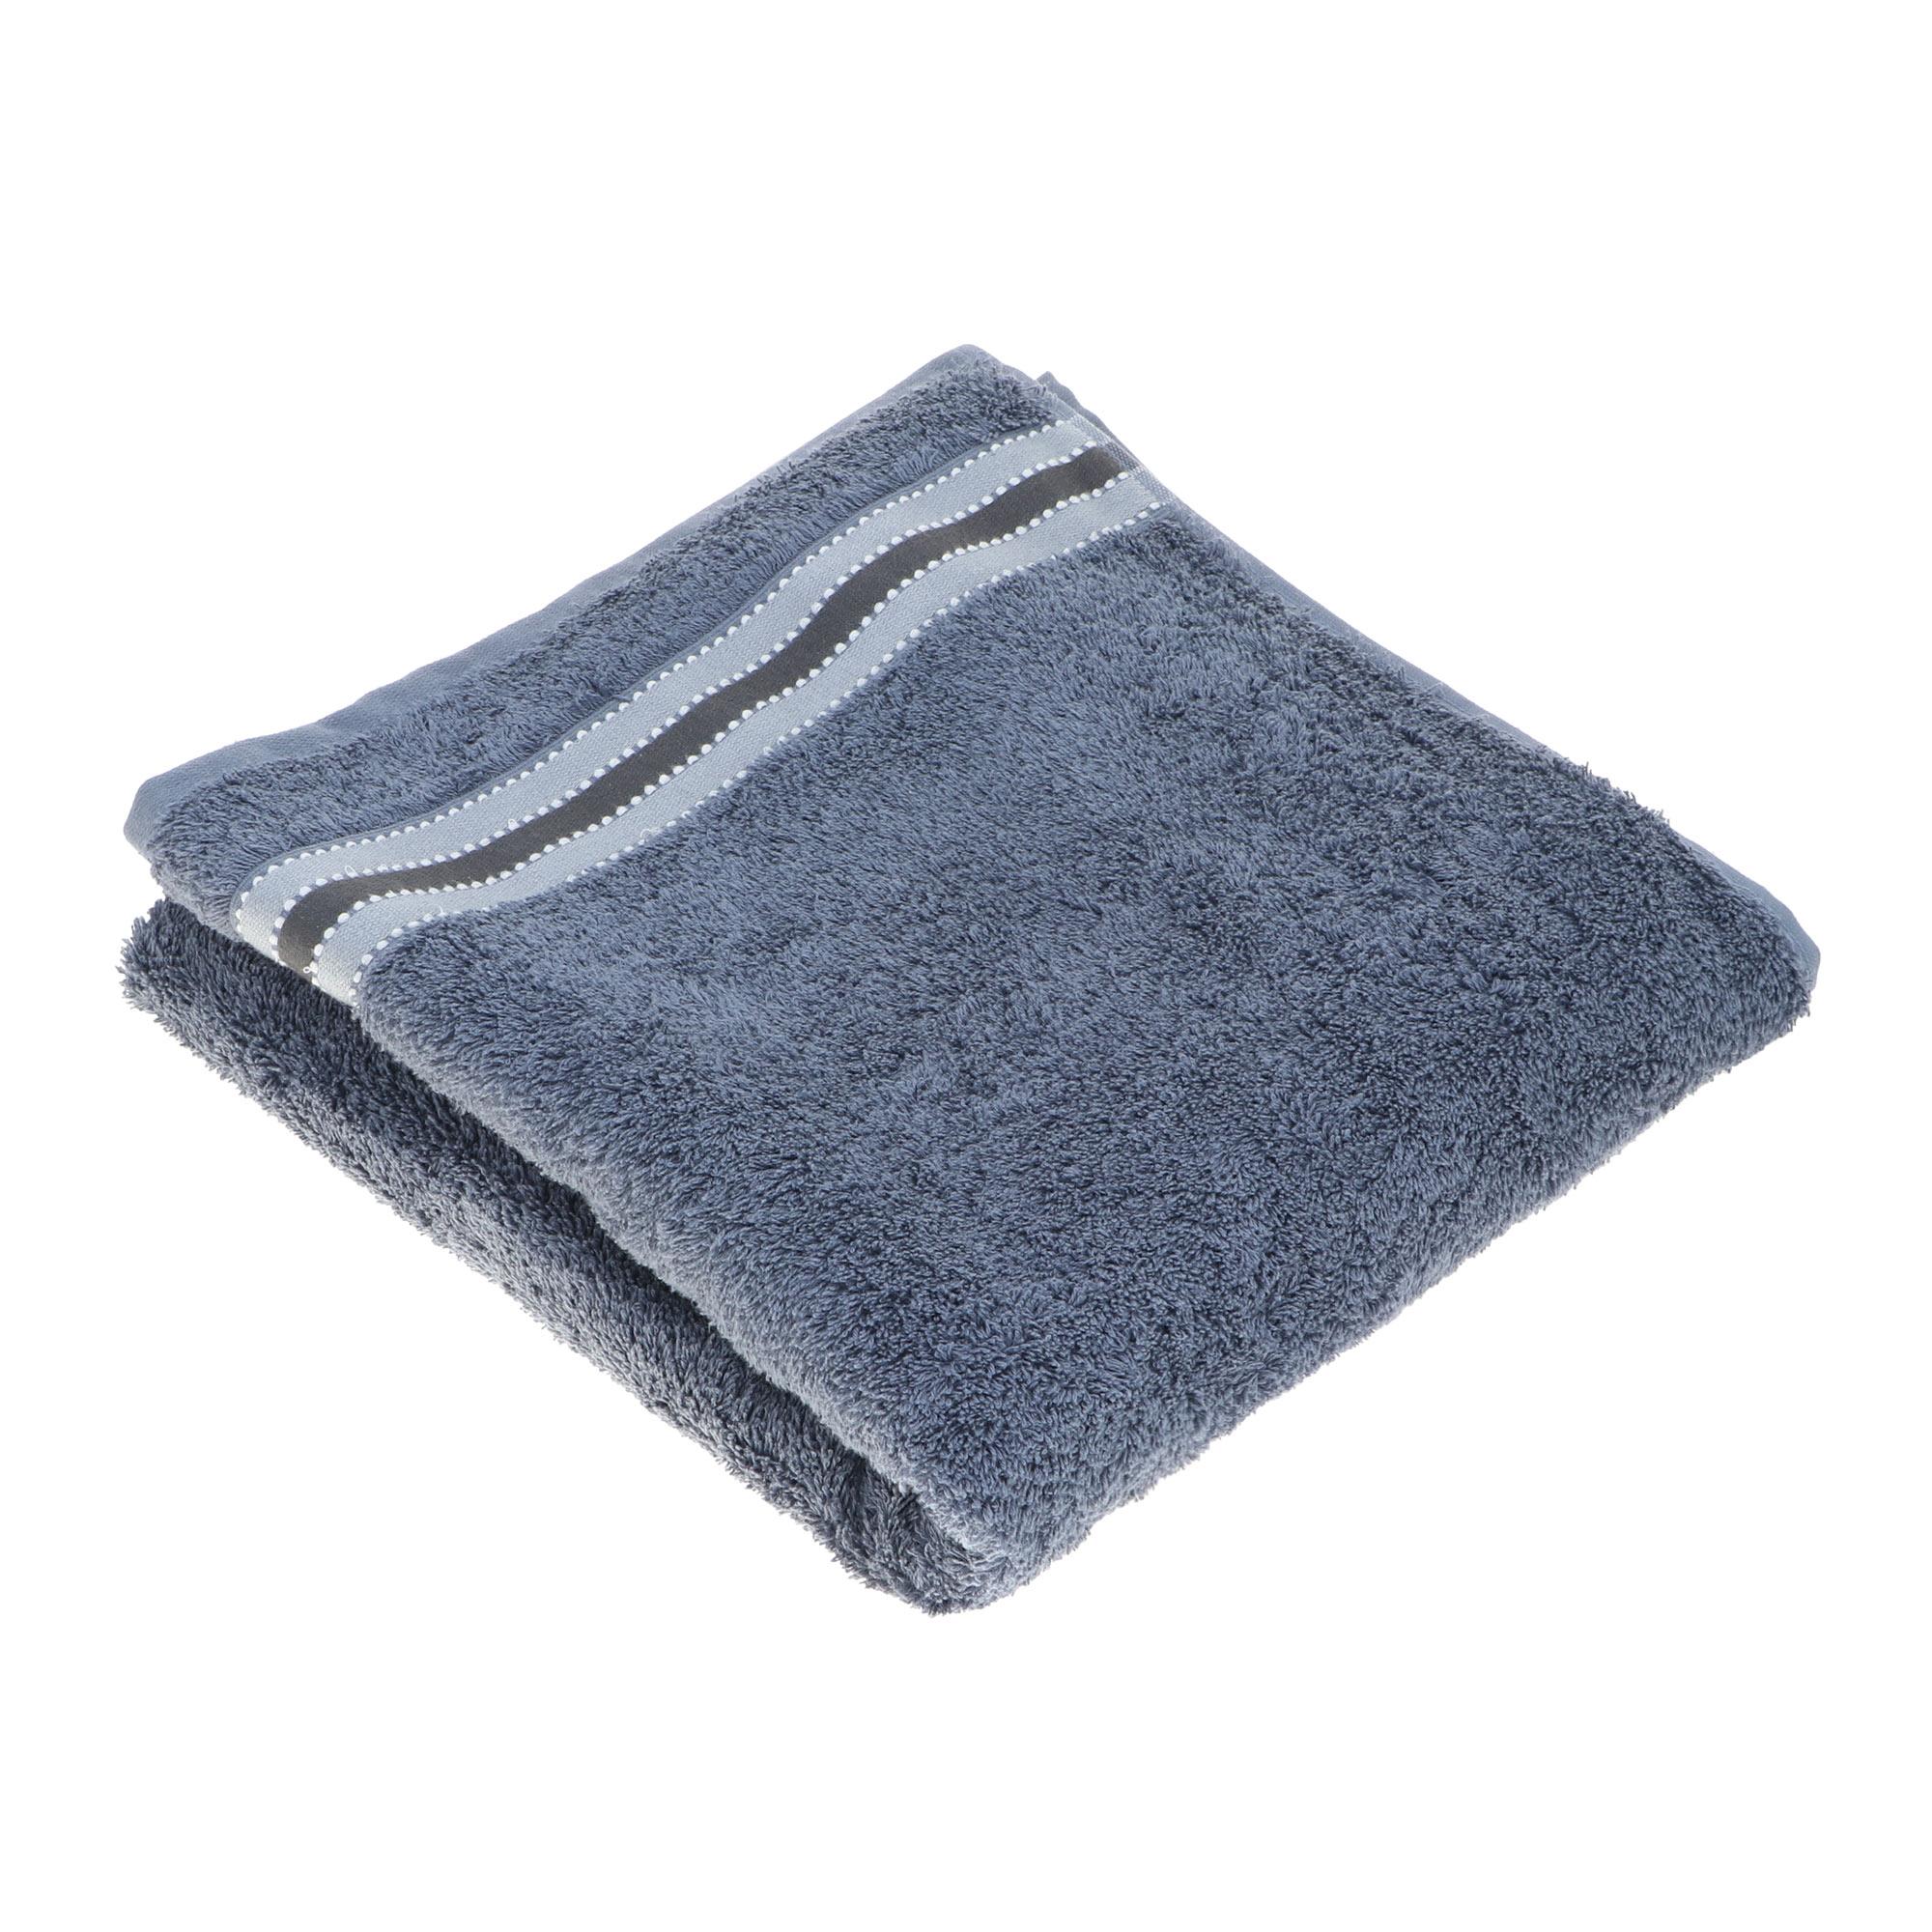 Полотенце махровое Asil Lux lines blue 70x140 см полотенце двустороннее asil powder 70x140 см